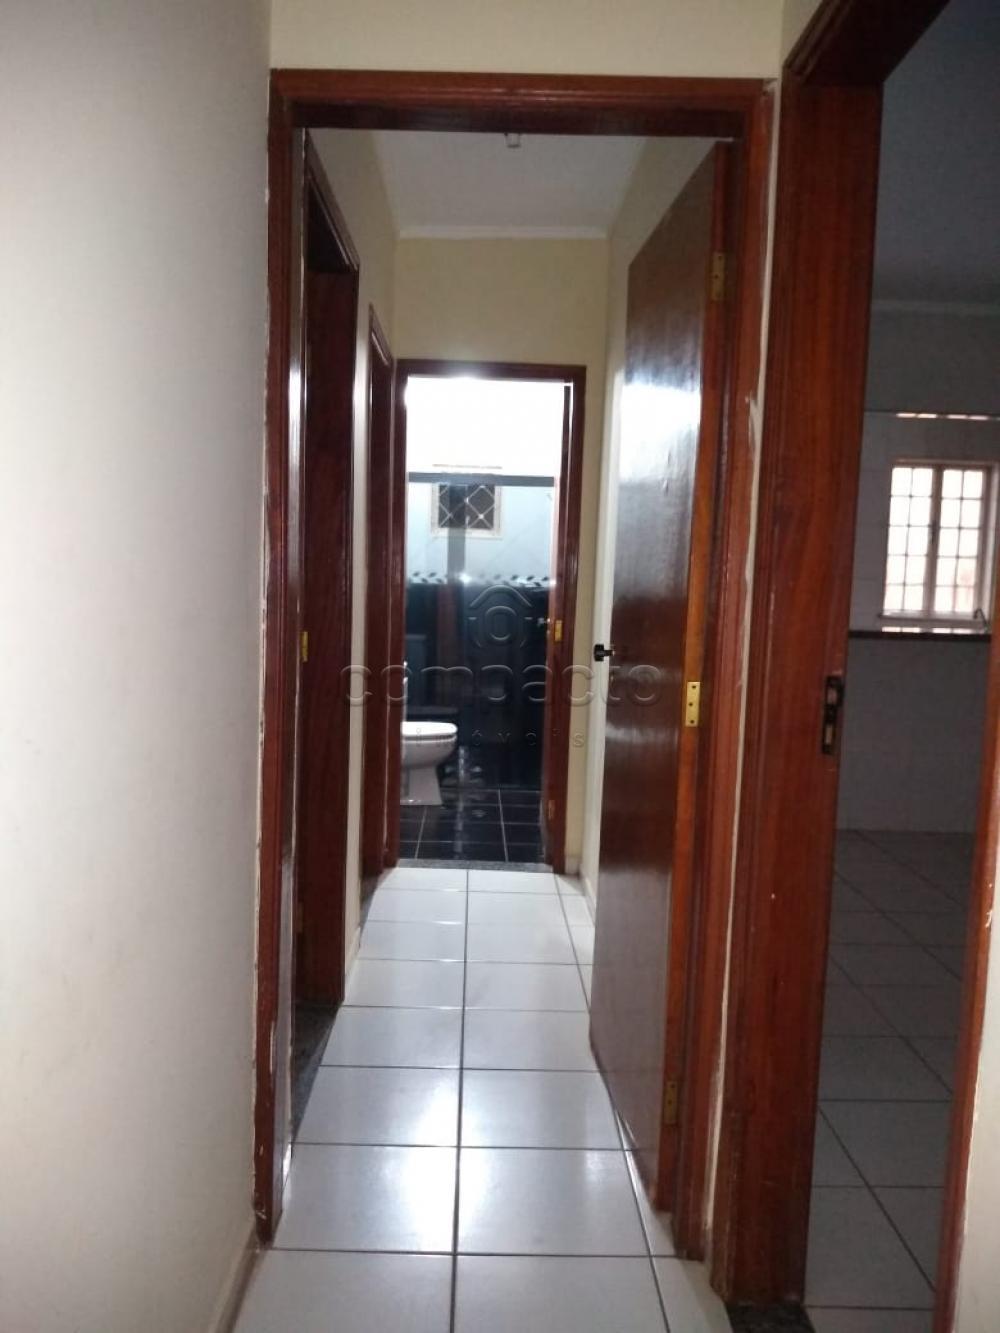 Alugar Casa / Padrão em São José do Rio Preto apenas R$ 1.600,00 - Foto 12